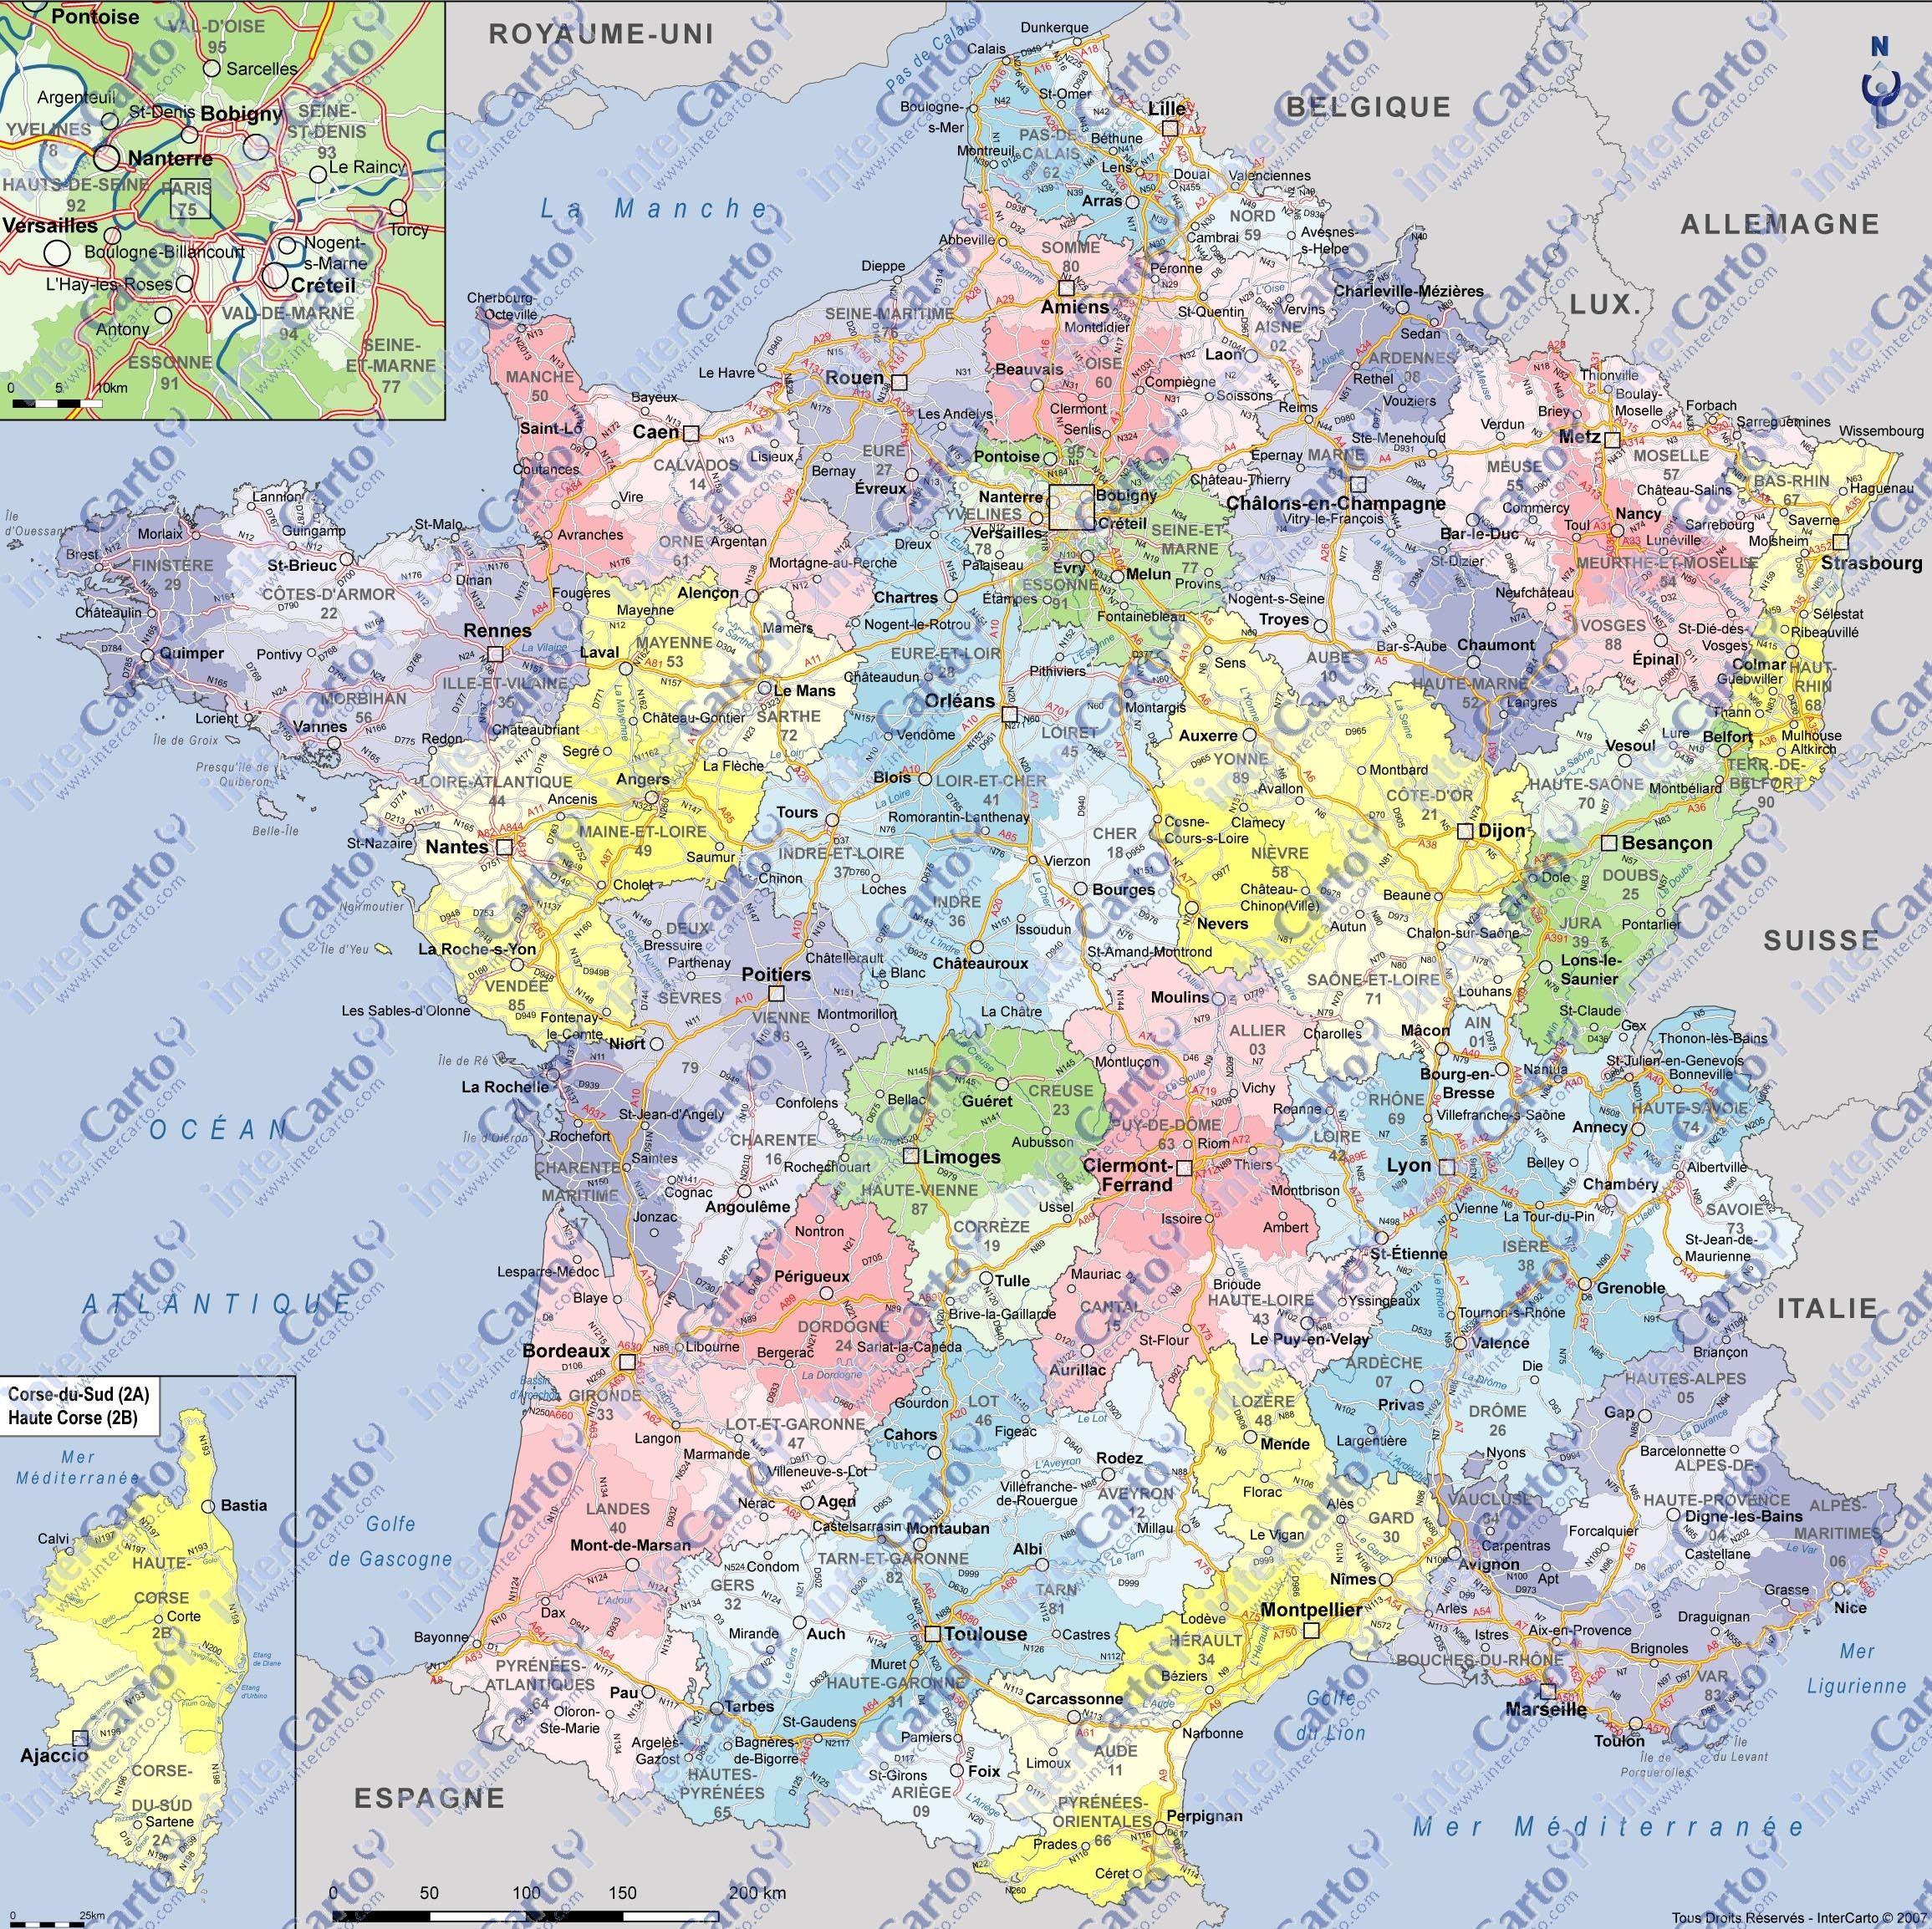 Carte De France Départements Villes Et Régions | Carte De pour Carte De France Détaillée Avec Les Villes